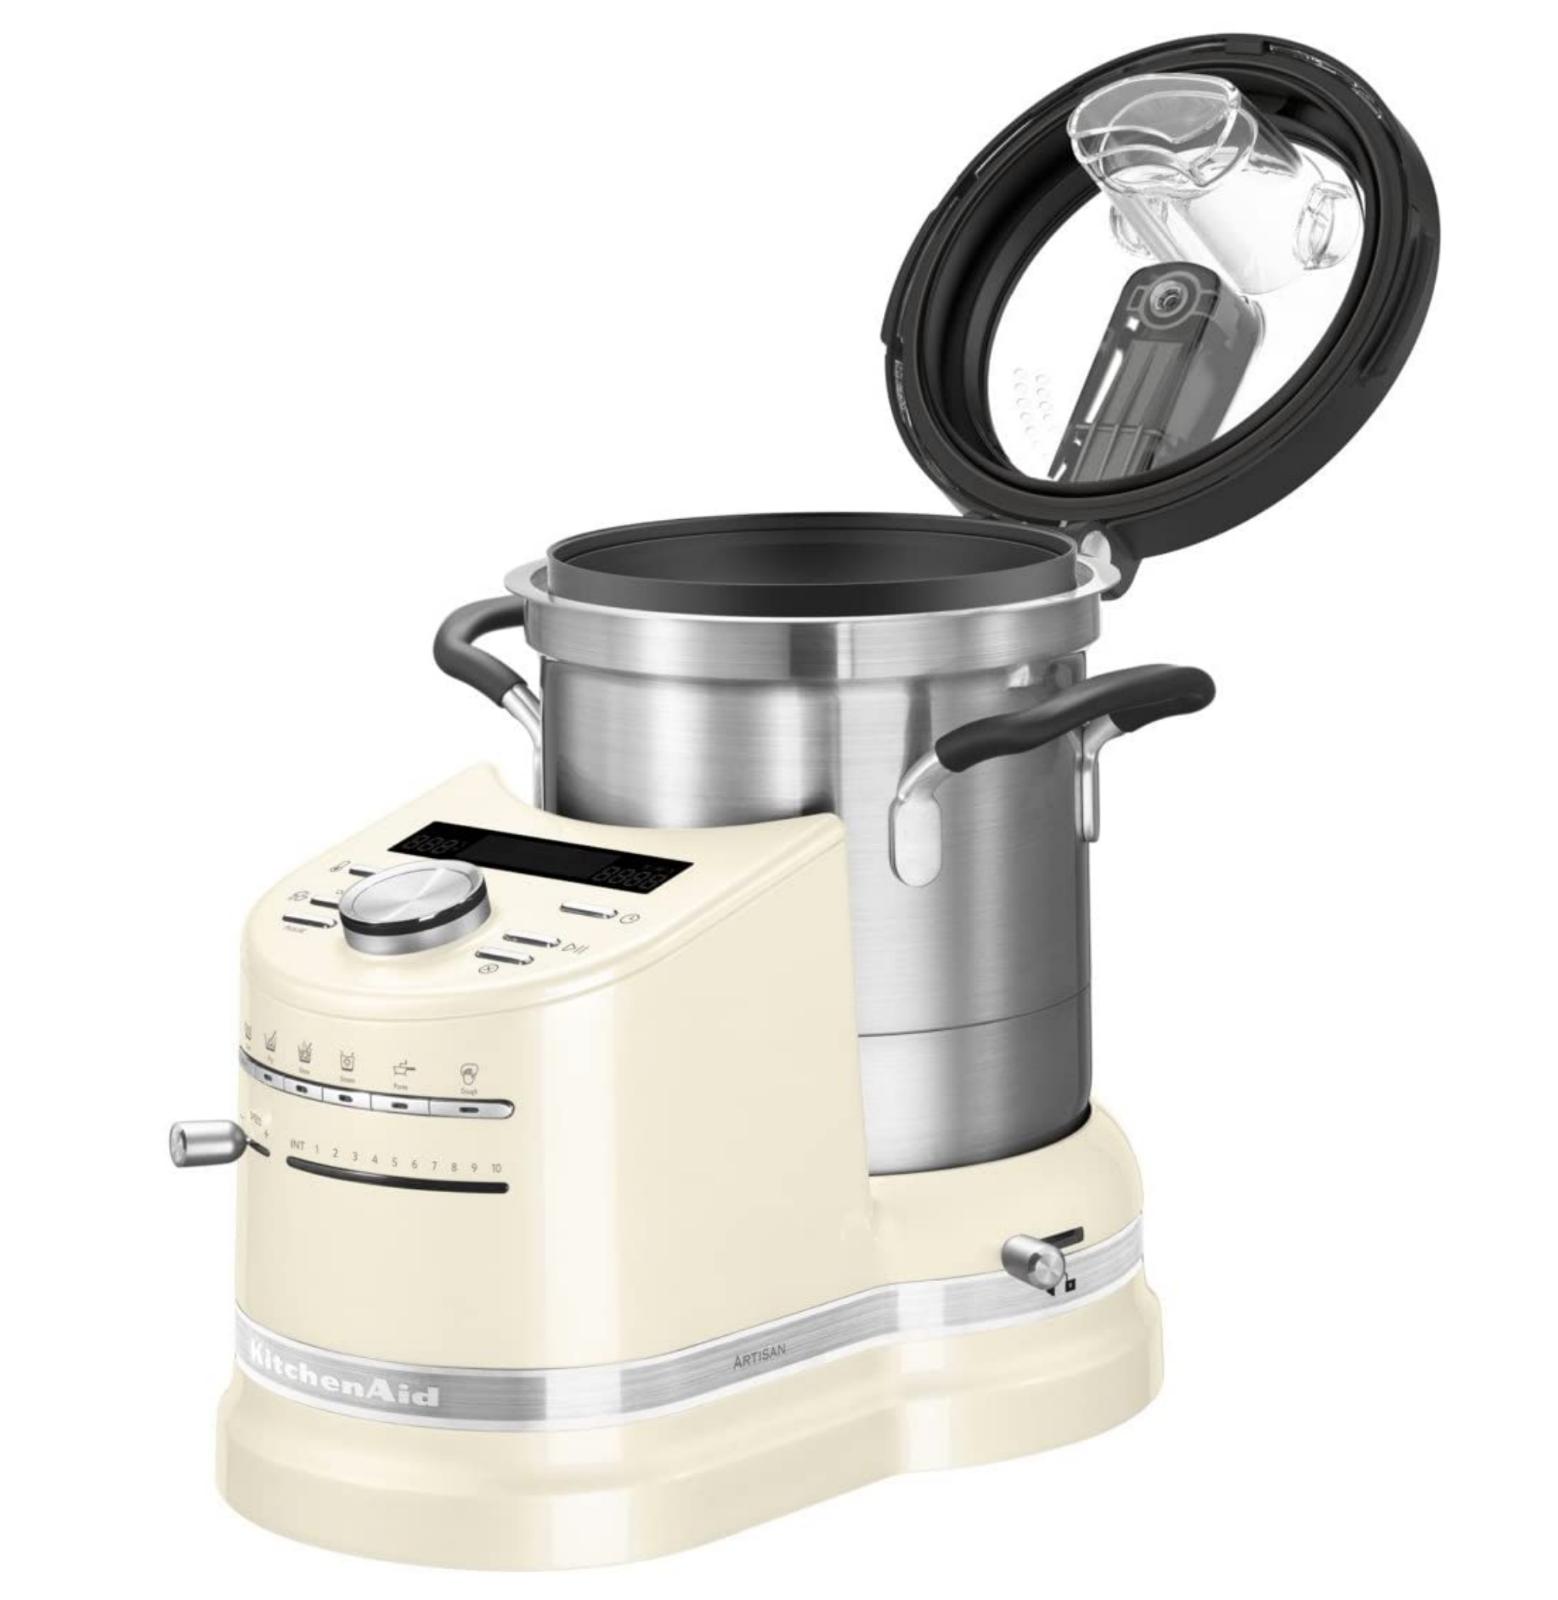 KitchenAid Artisan Cook Processor 5KFC0103EAC Multifunktionsgerät in Creme